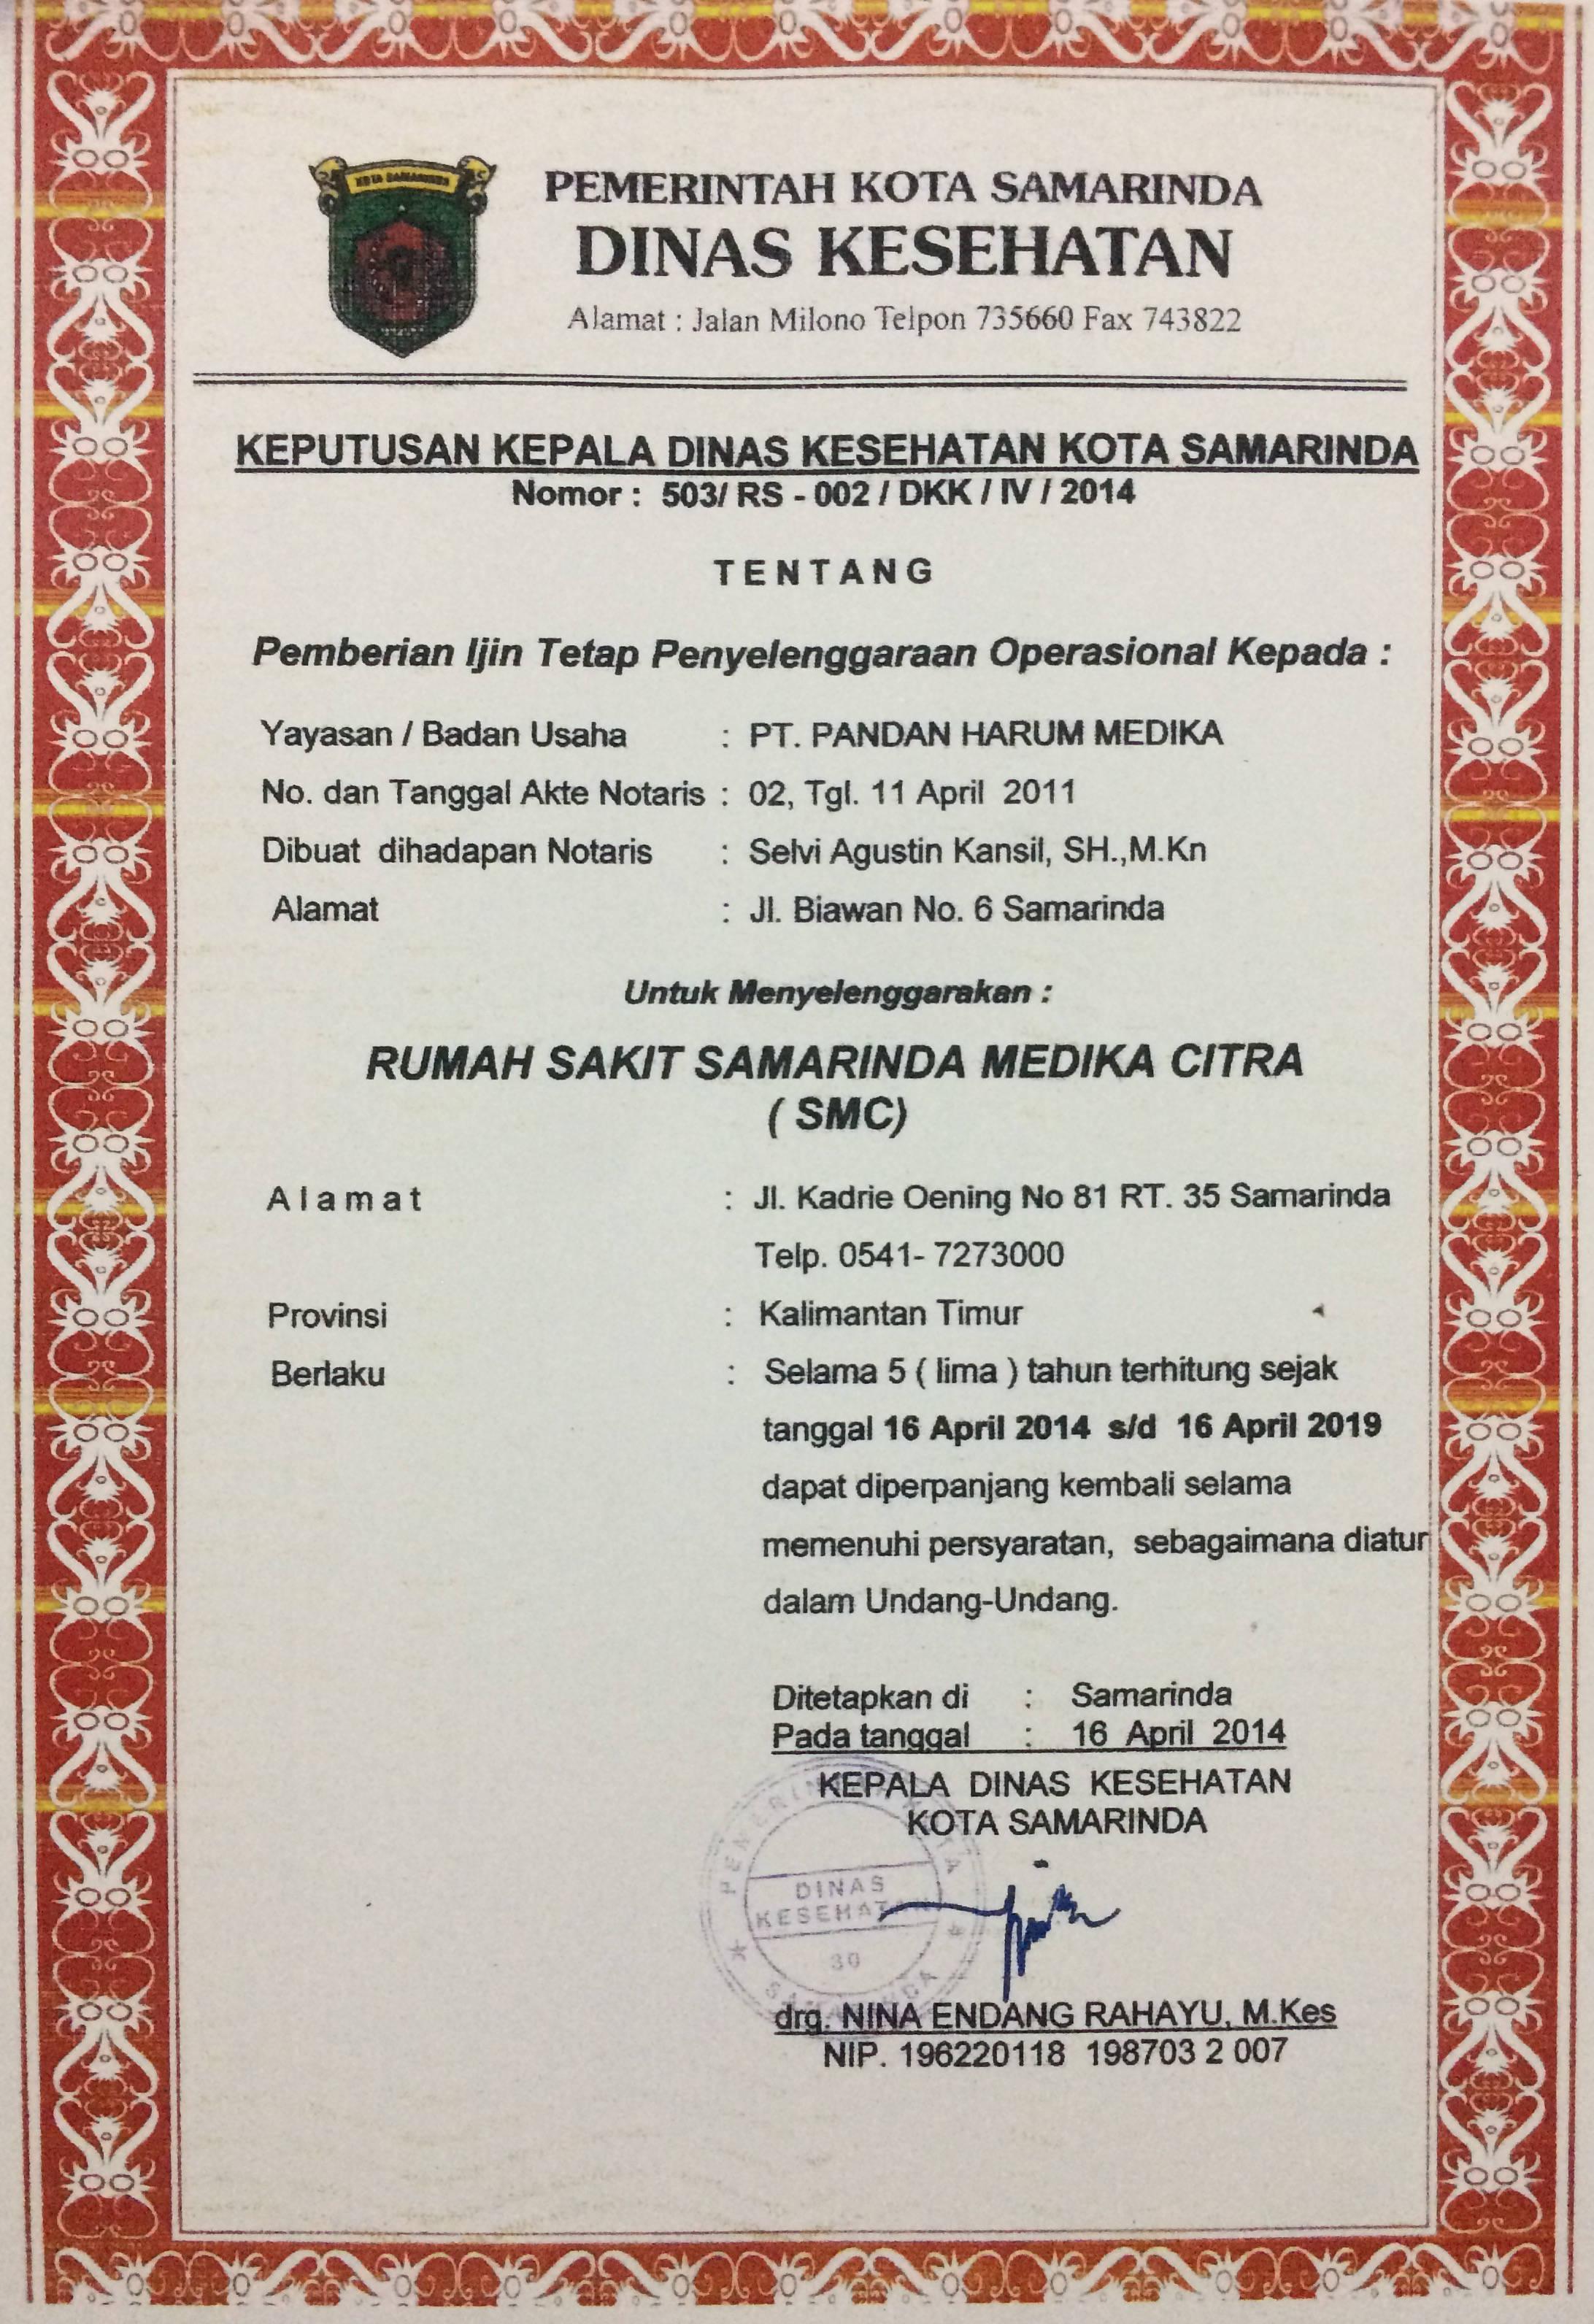 Pemberian Ijin Tetap Penyelengaraan Operasional RSU SMC